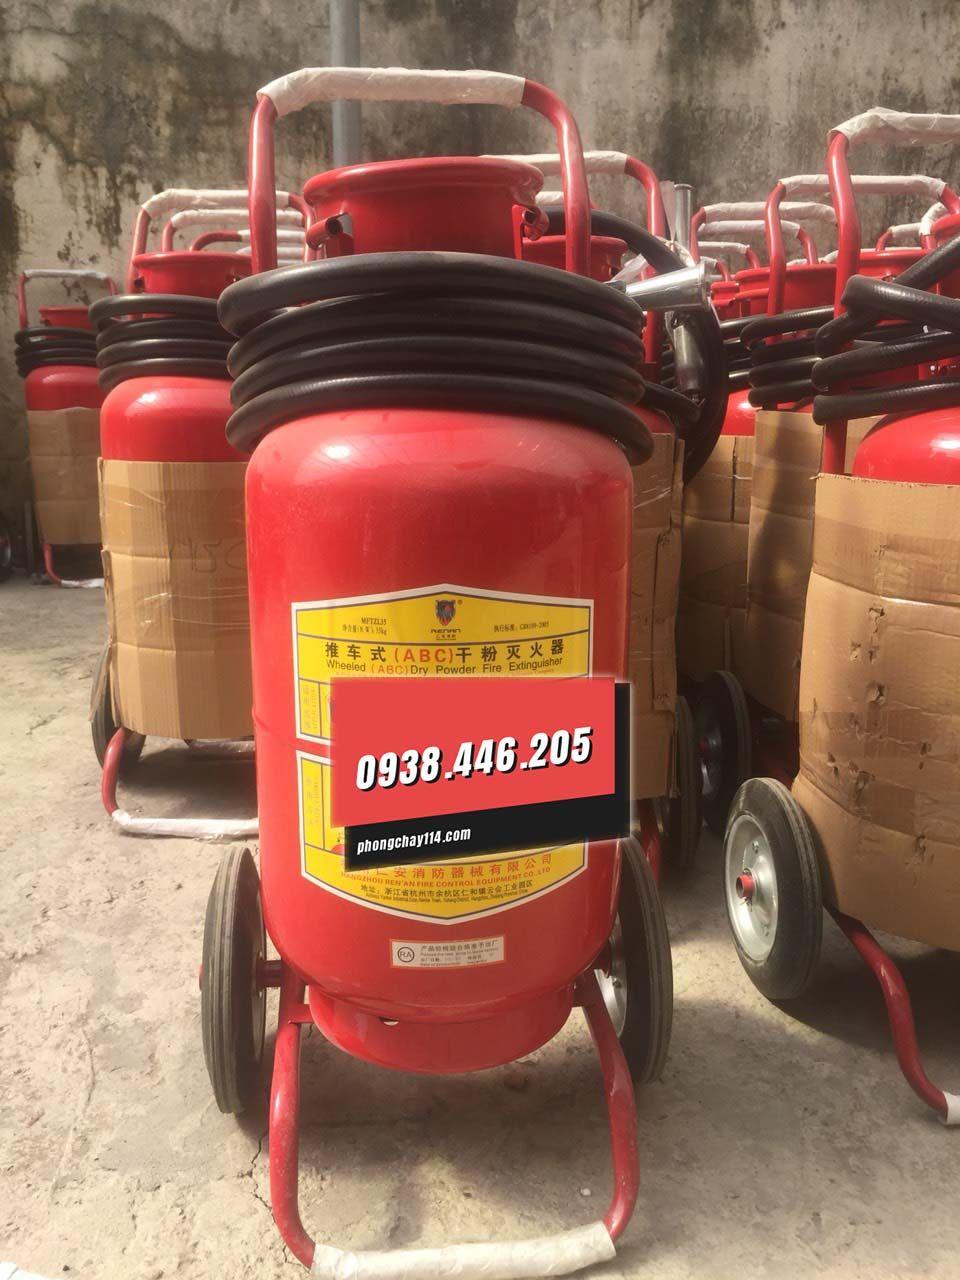 Bình chữa cháy xe đẩy Renan bột BC/ABC MFTZL35 35kg